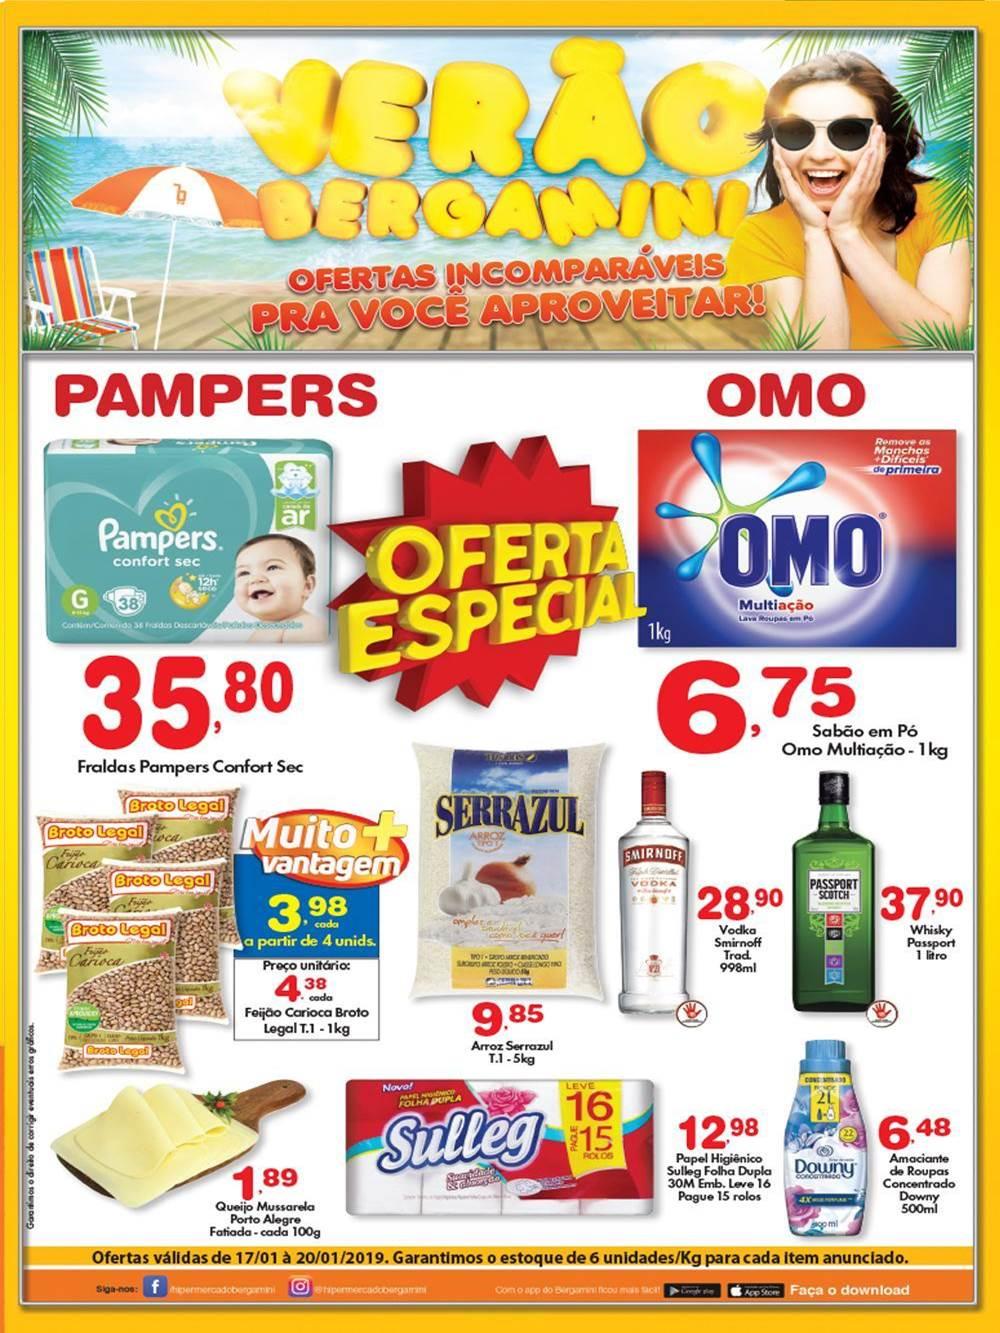 Oferta-bergamini1 Ofertas de Supermercados - Economize!